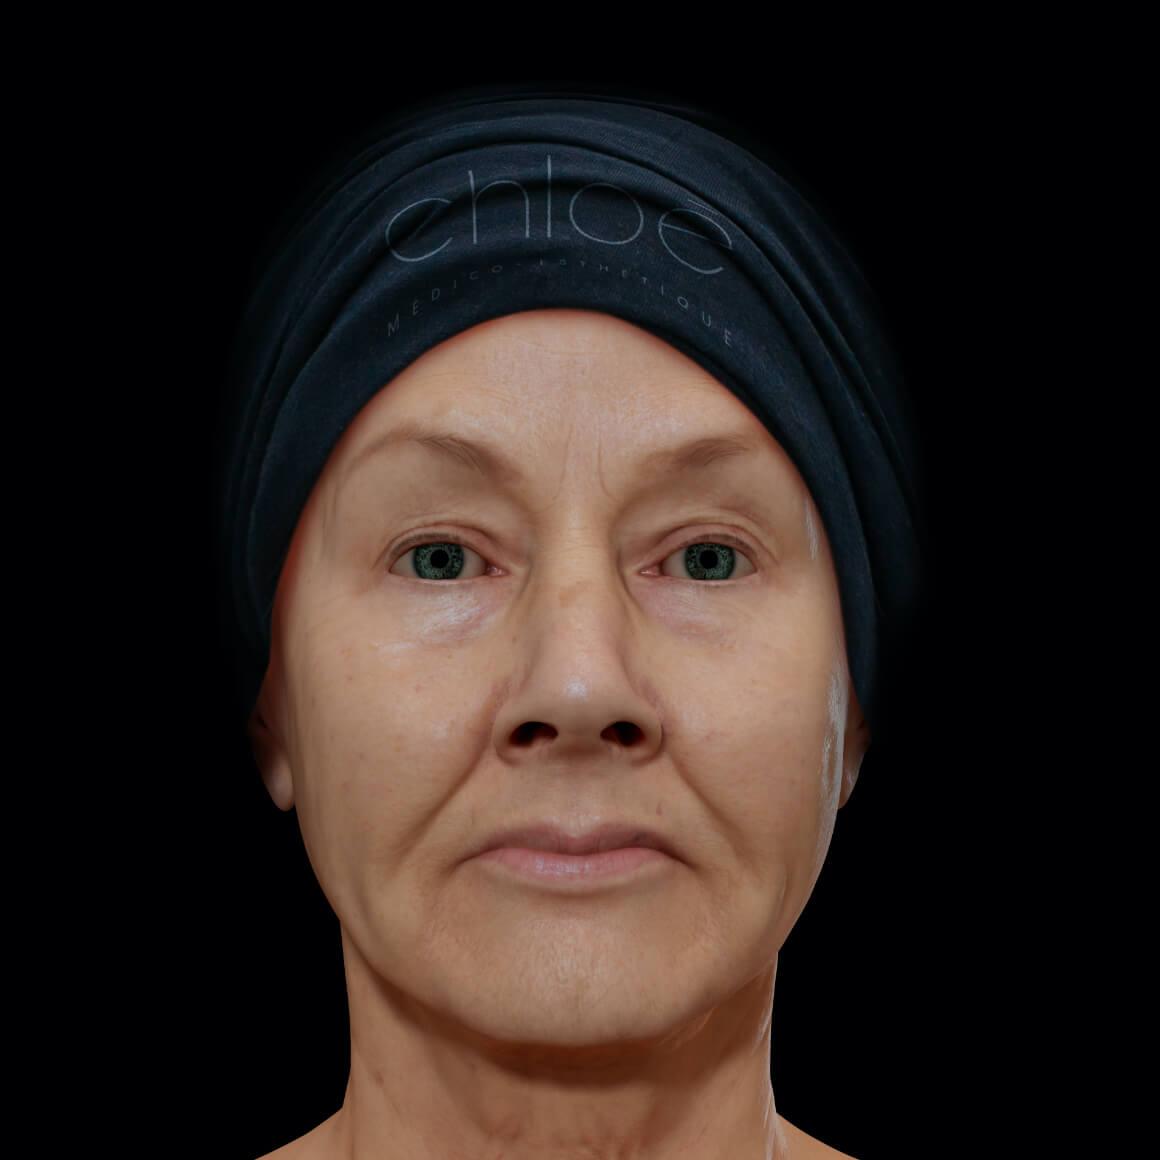 Femme patiente à la Clinique Chloé vue de face démontrant un relâchement cutané du visage